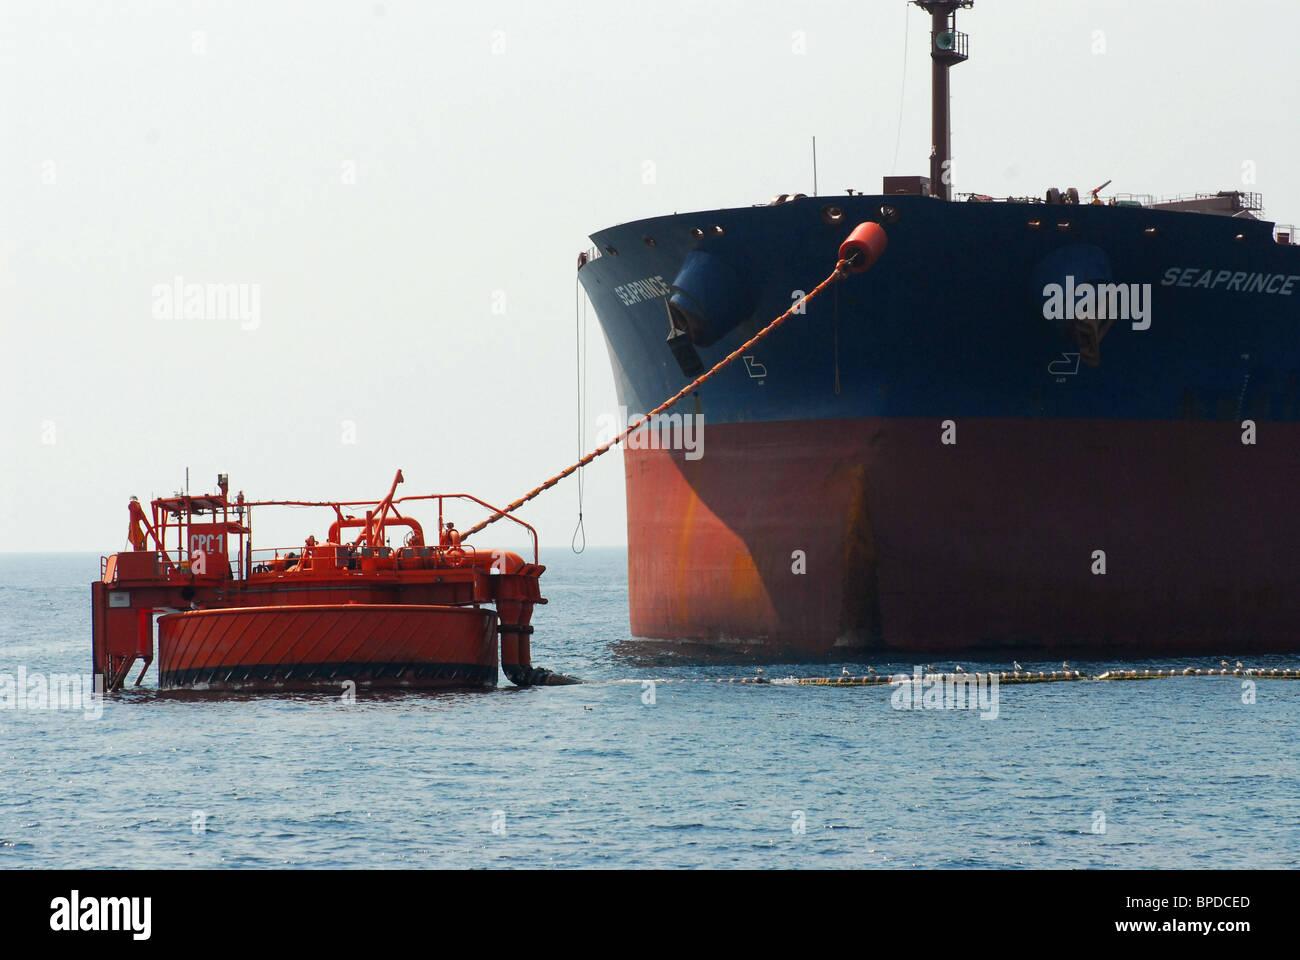 Marine Terminal of Caspian Pipeline Consortium - Stock Image